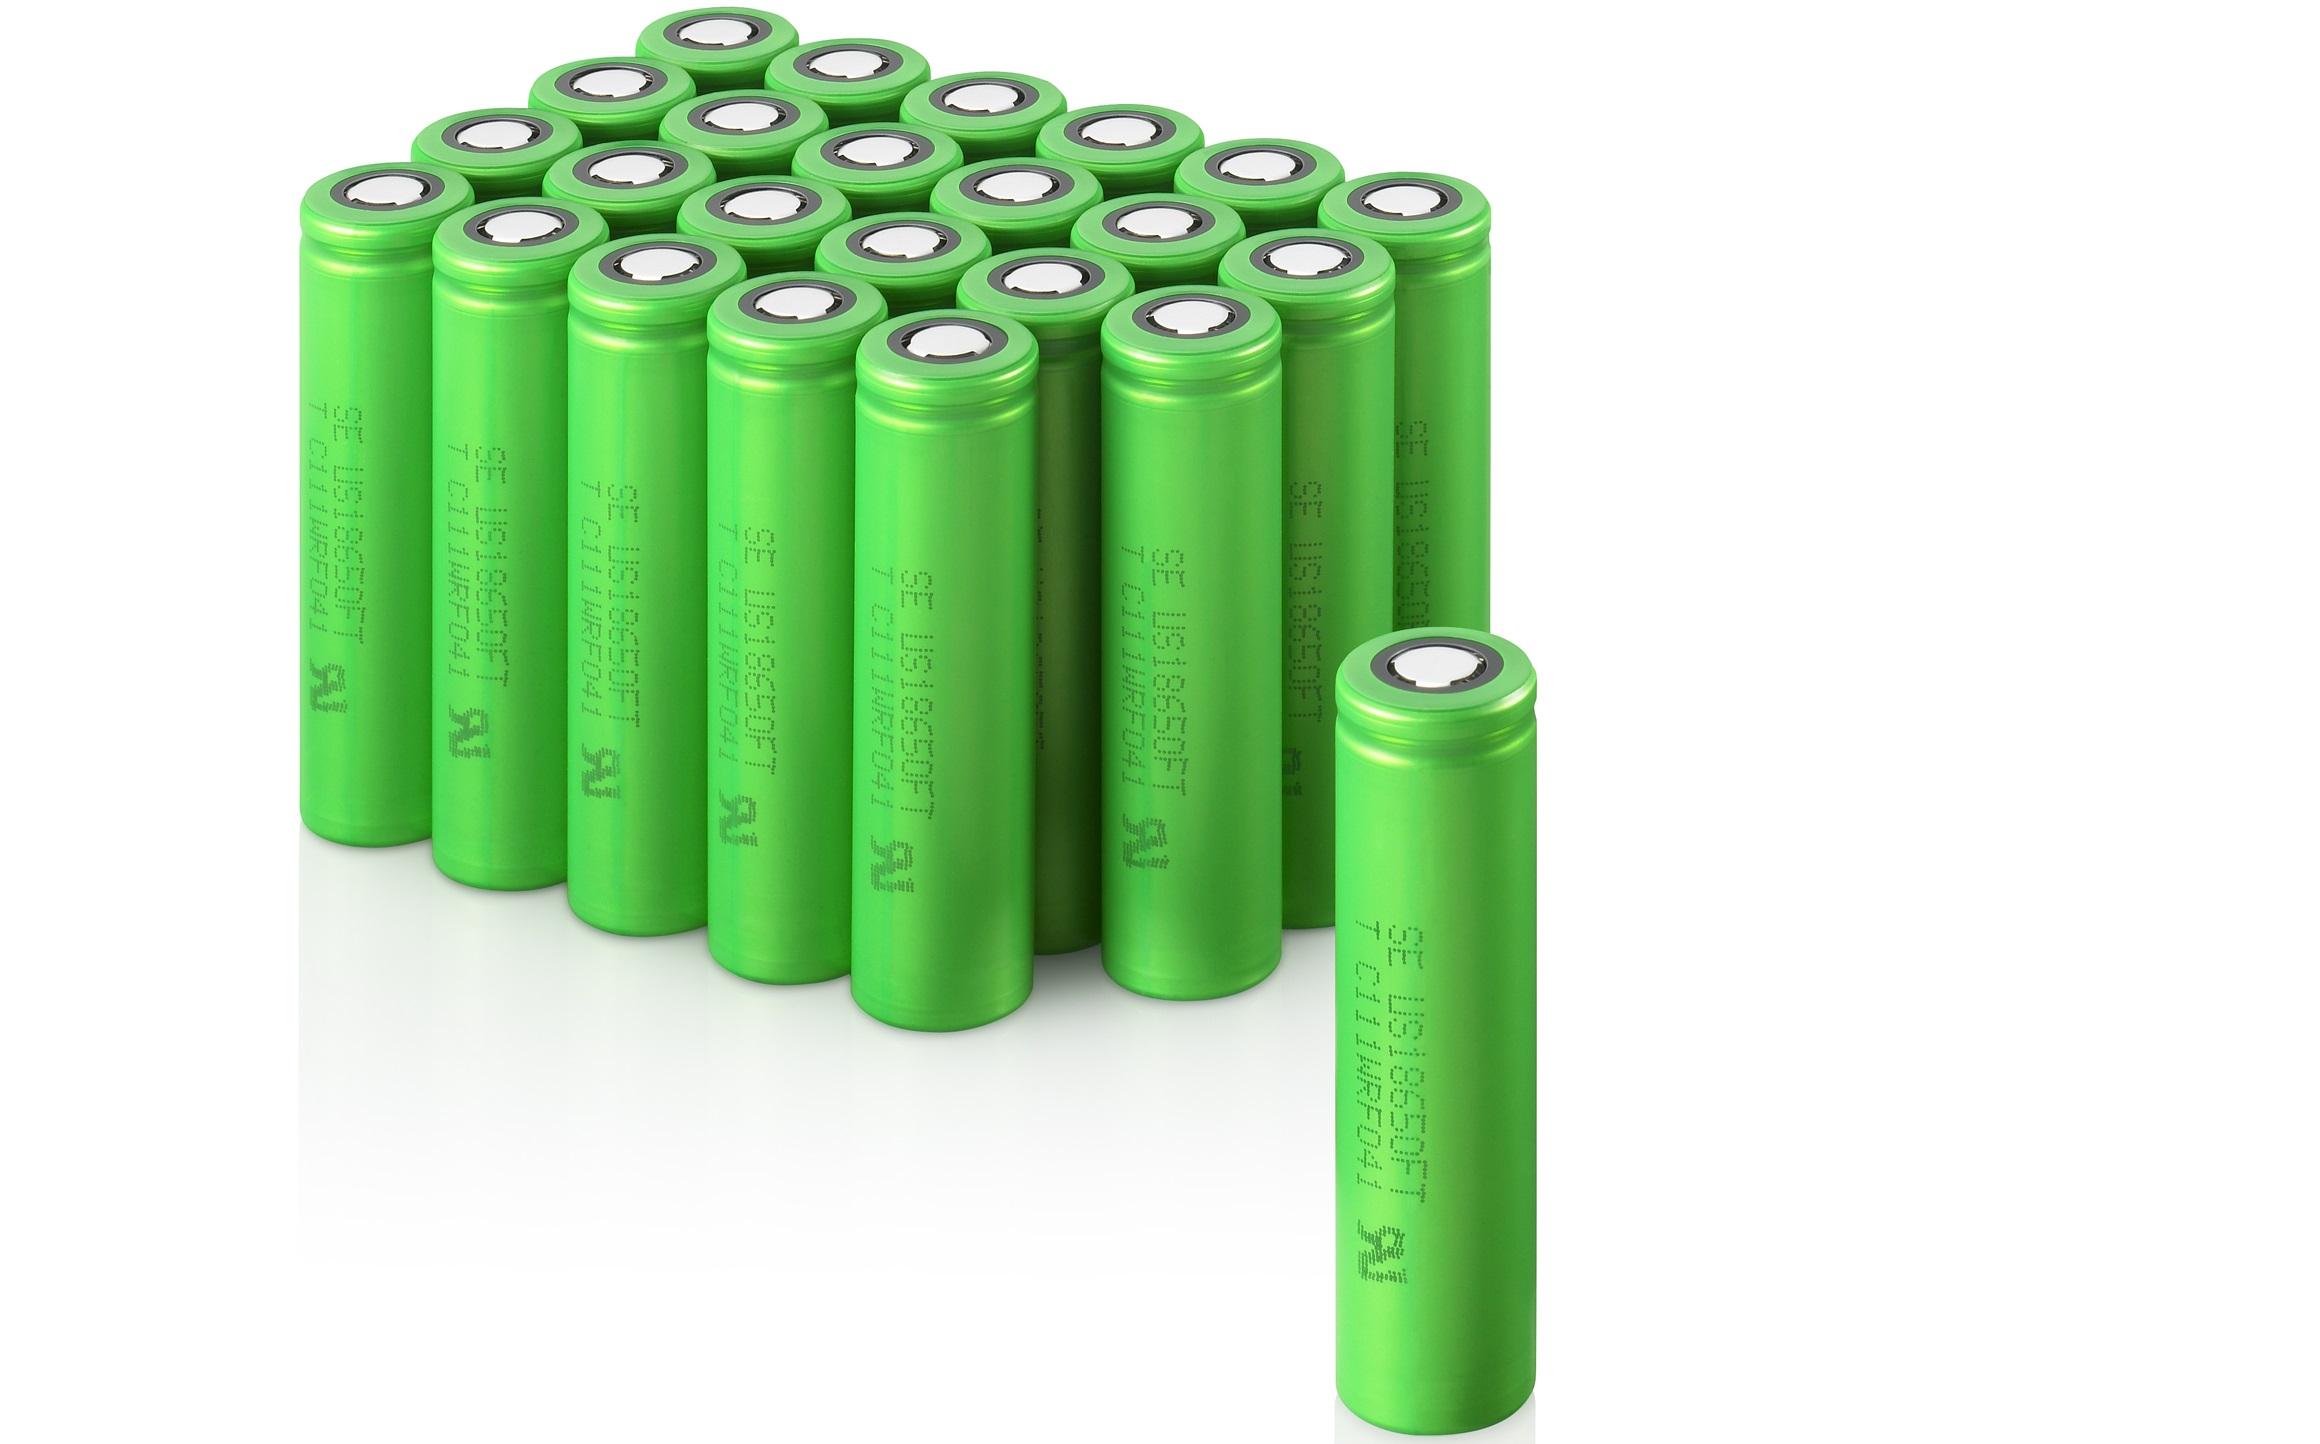 فراتر از باتری های لیتیوم یون؛گامی اساسی در حوزه ی باتری